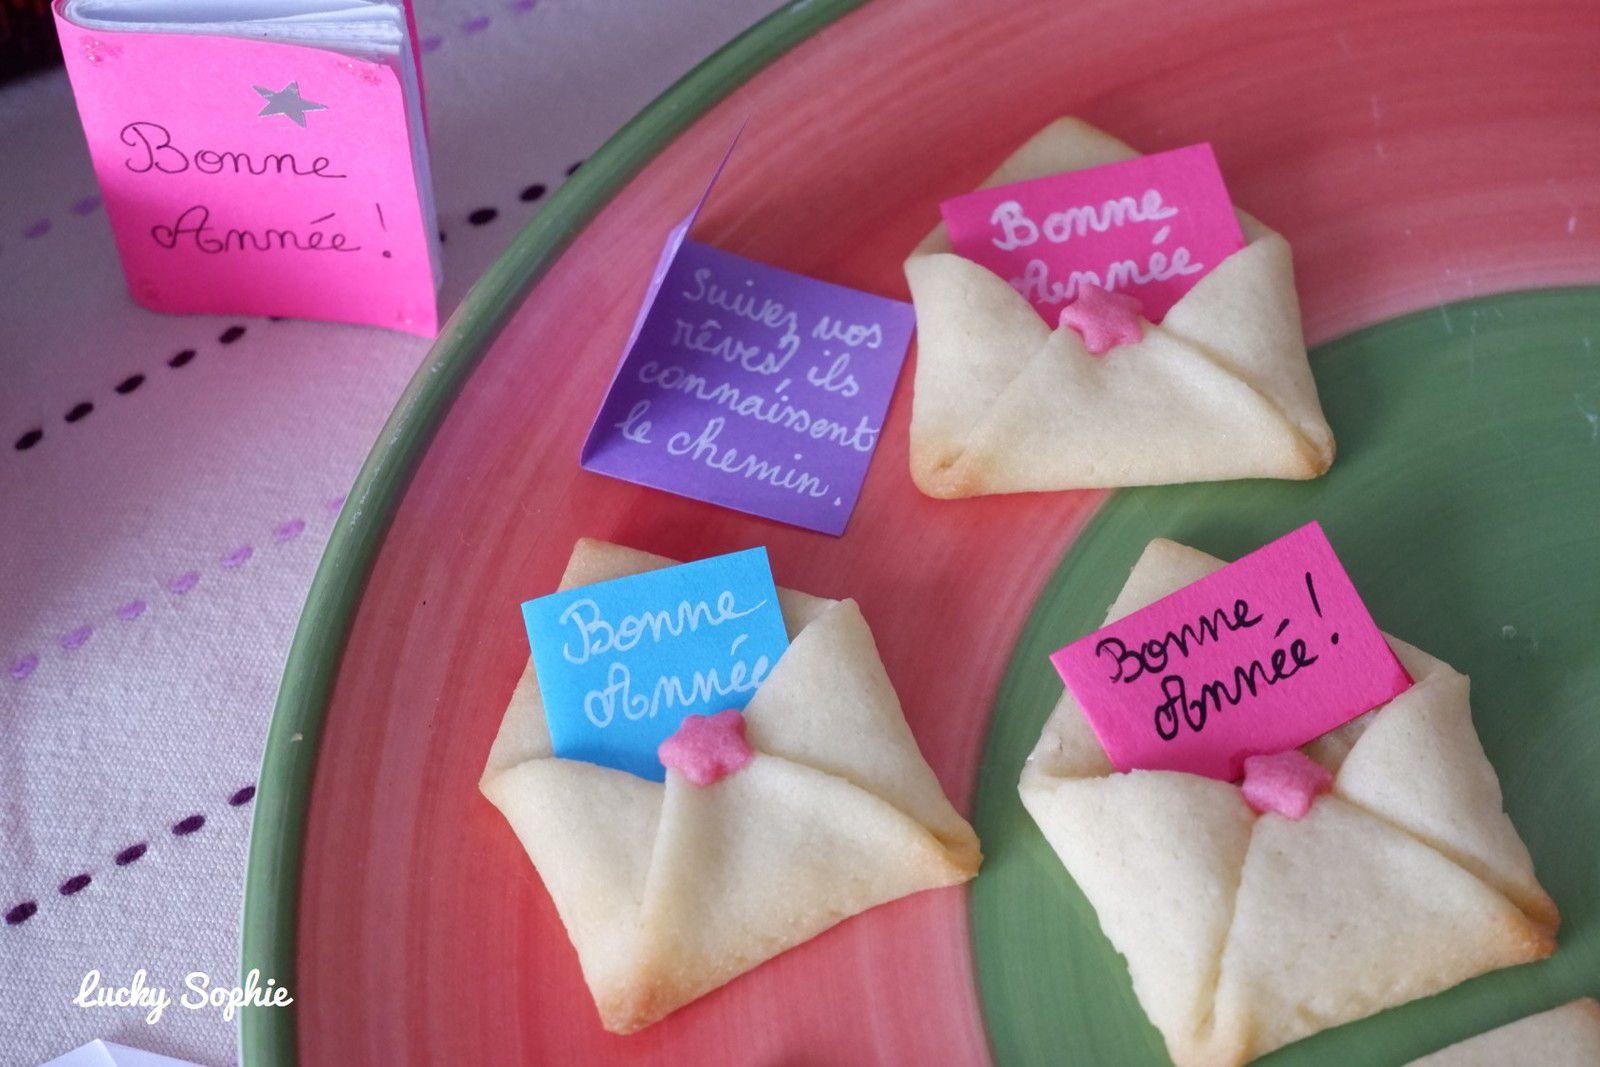 """""""Vous avez un message !"""" Des enveloppes qui se mangent dans lesquelles on glisse des mini-cartes de voeux, un peu comme les fortune cookies !"""